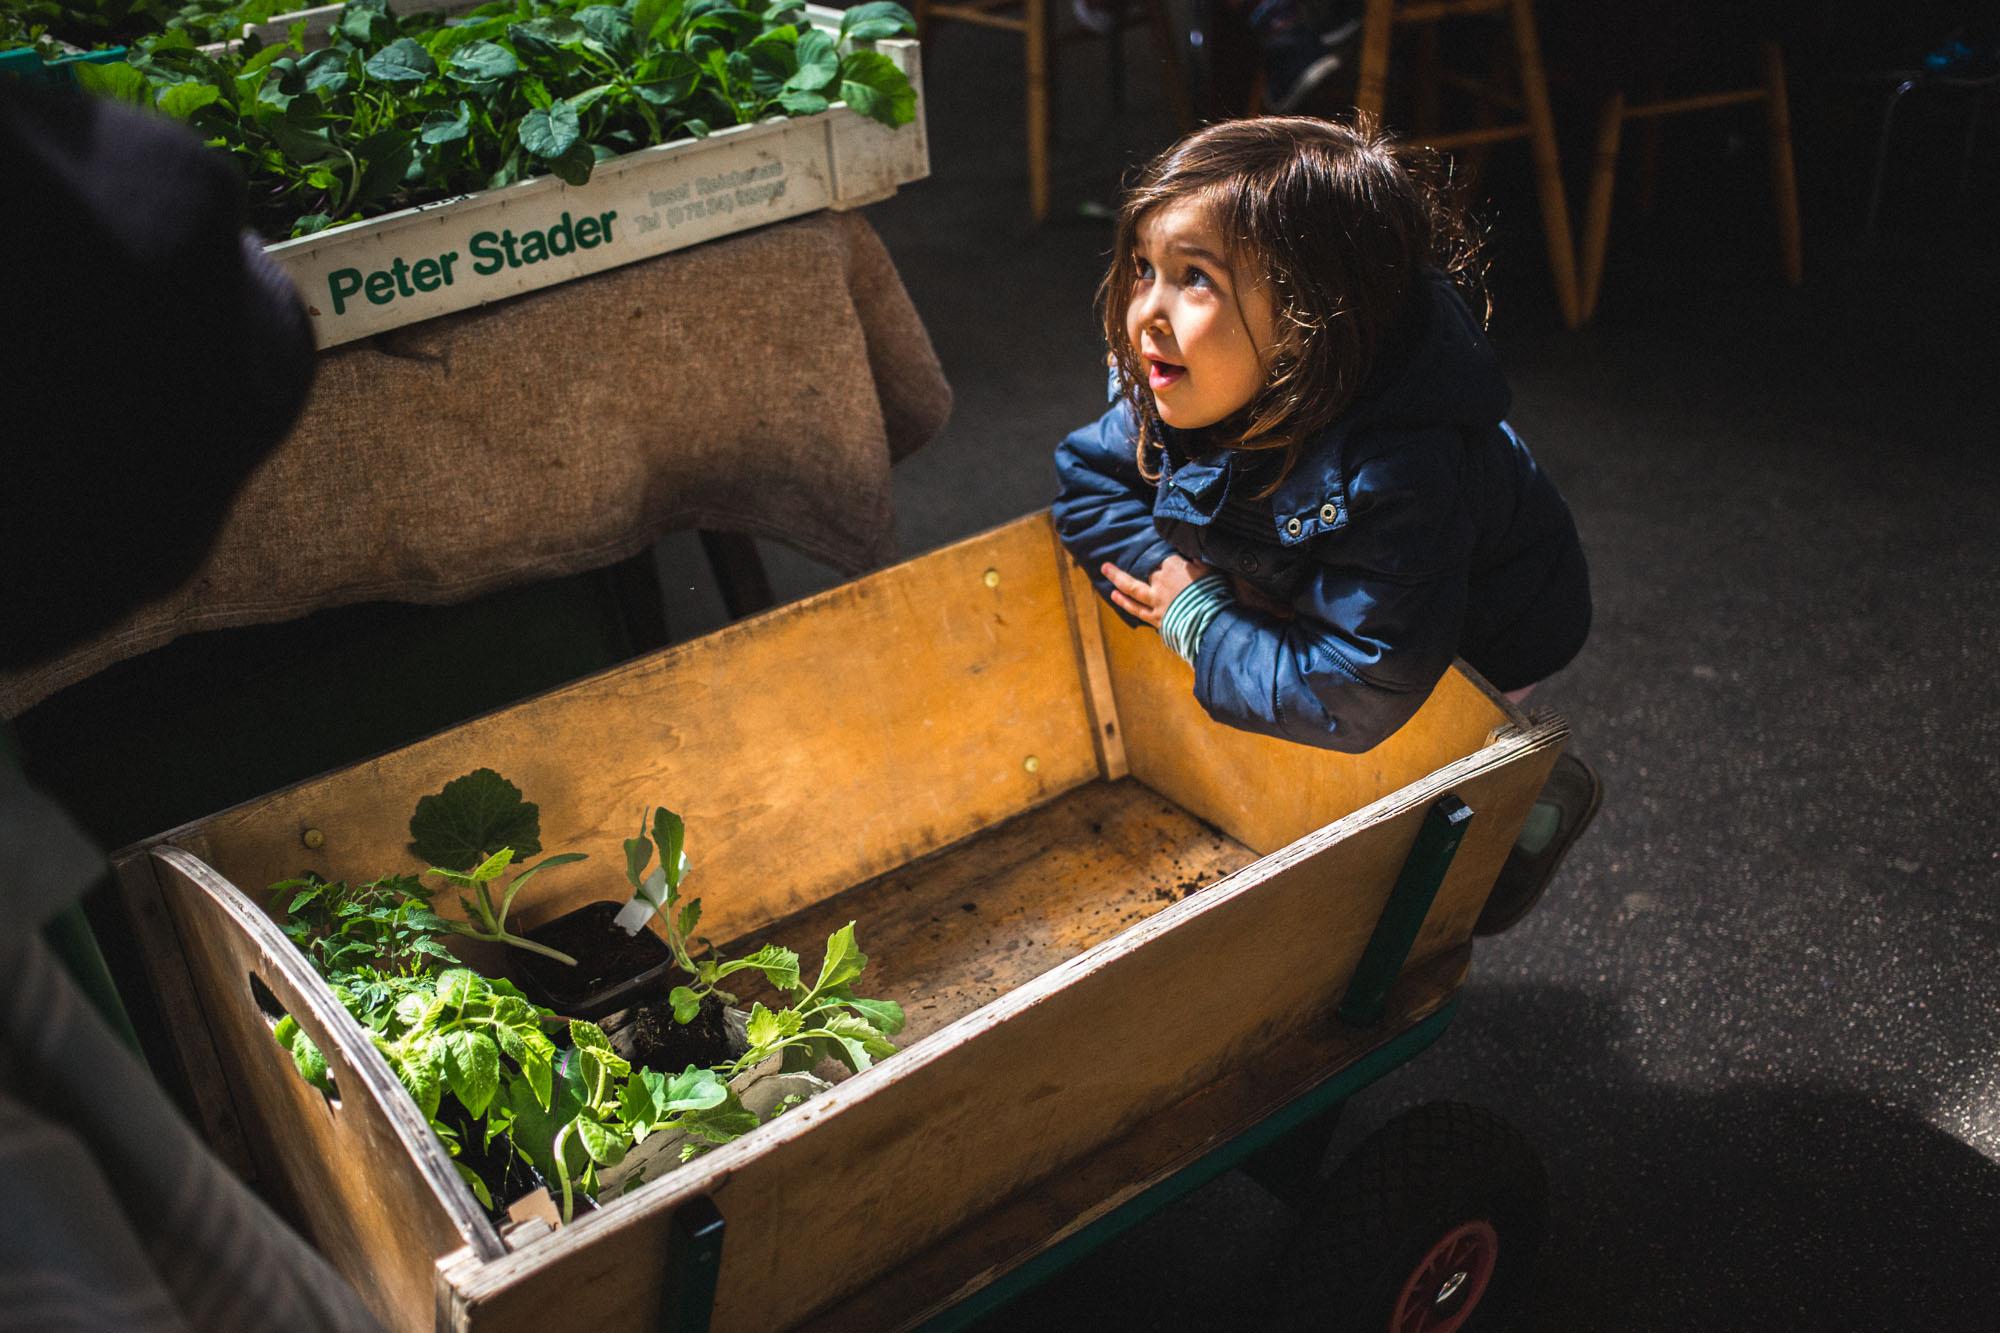 viertelvor_pflanzenmarkt-1